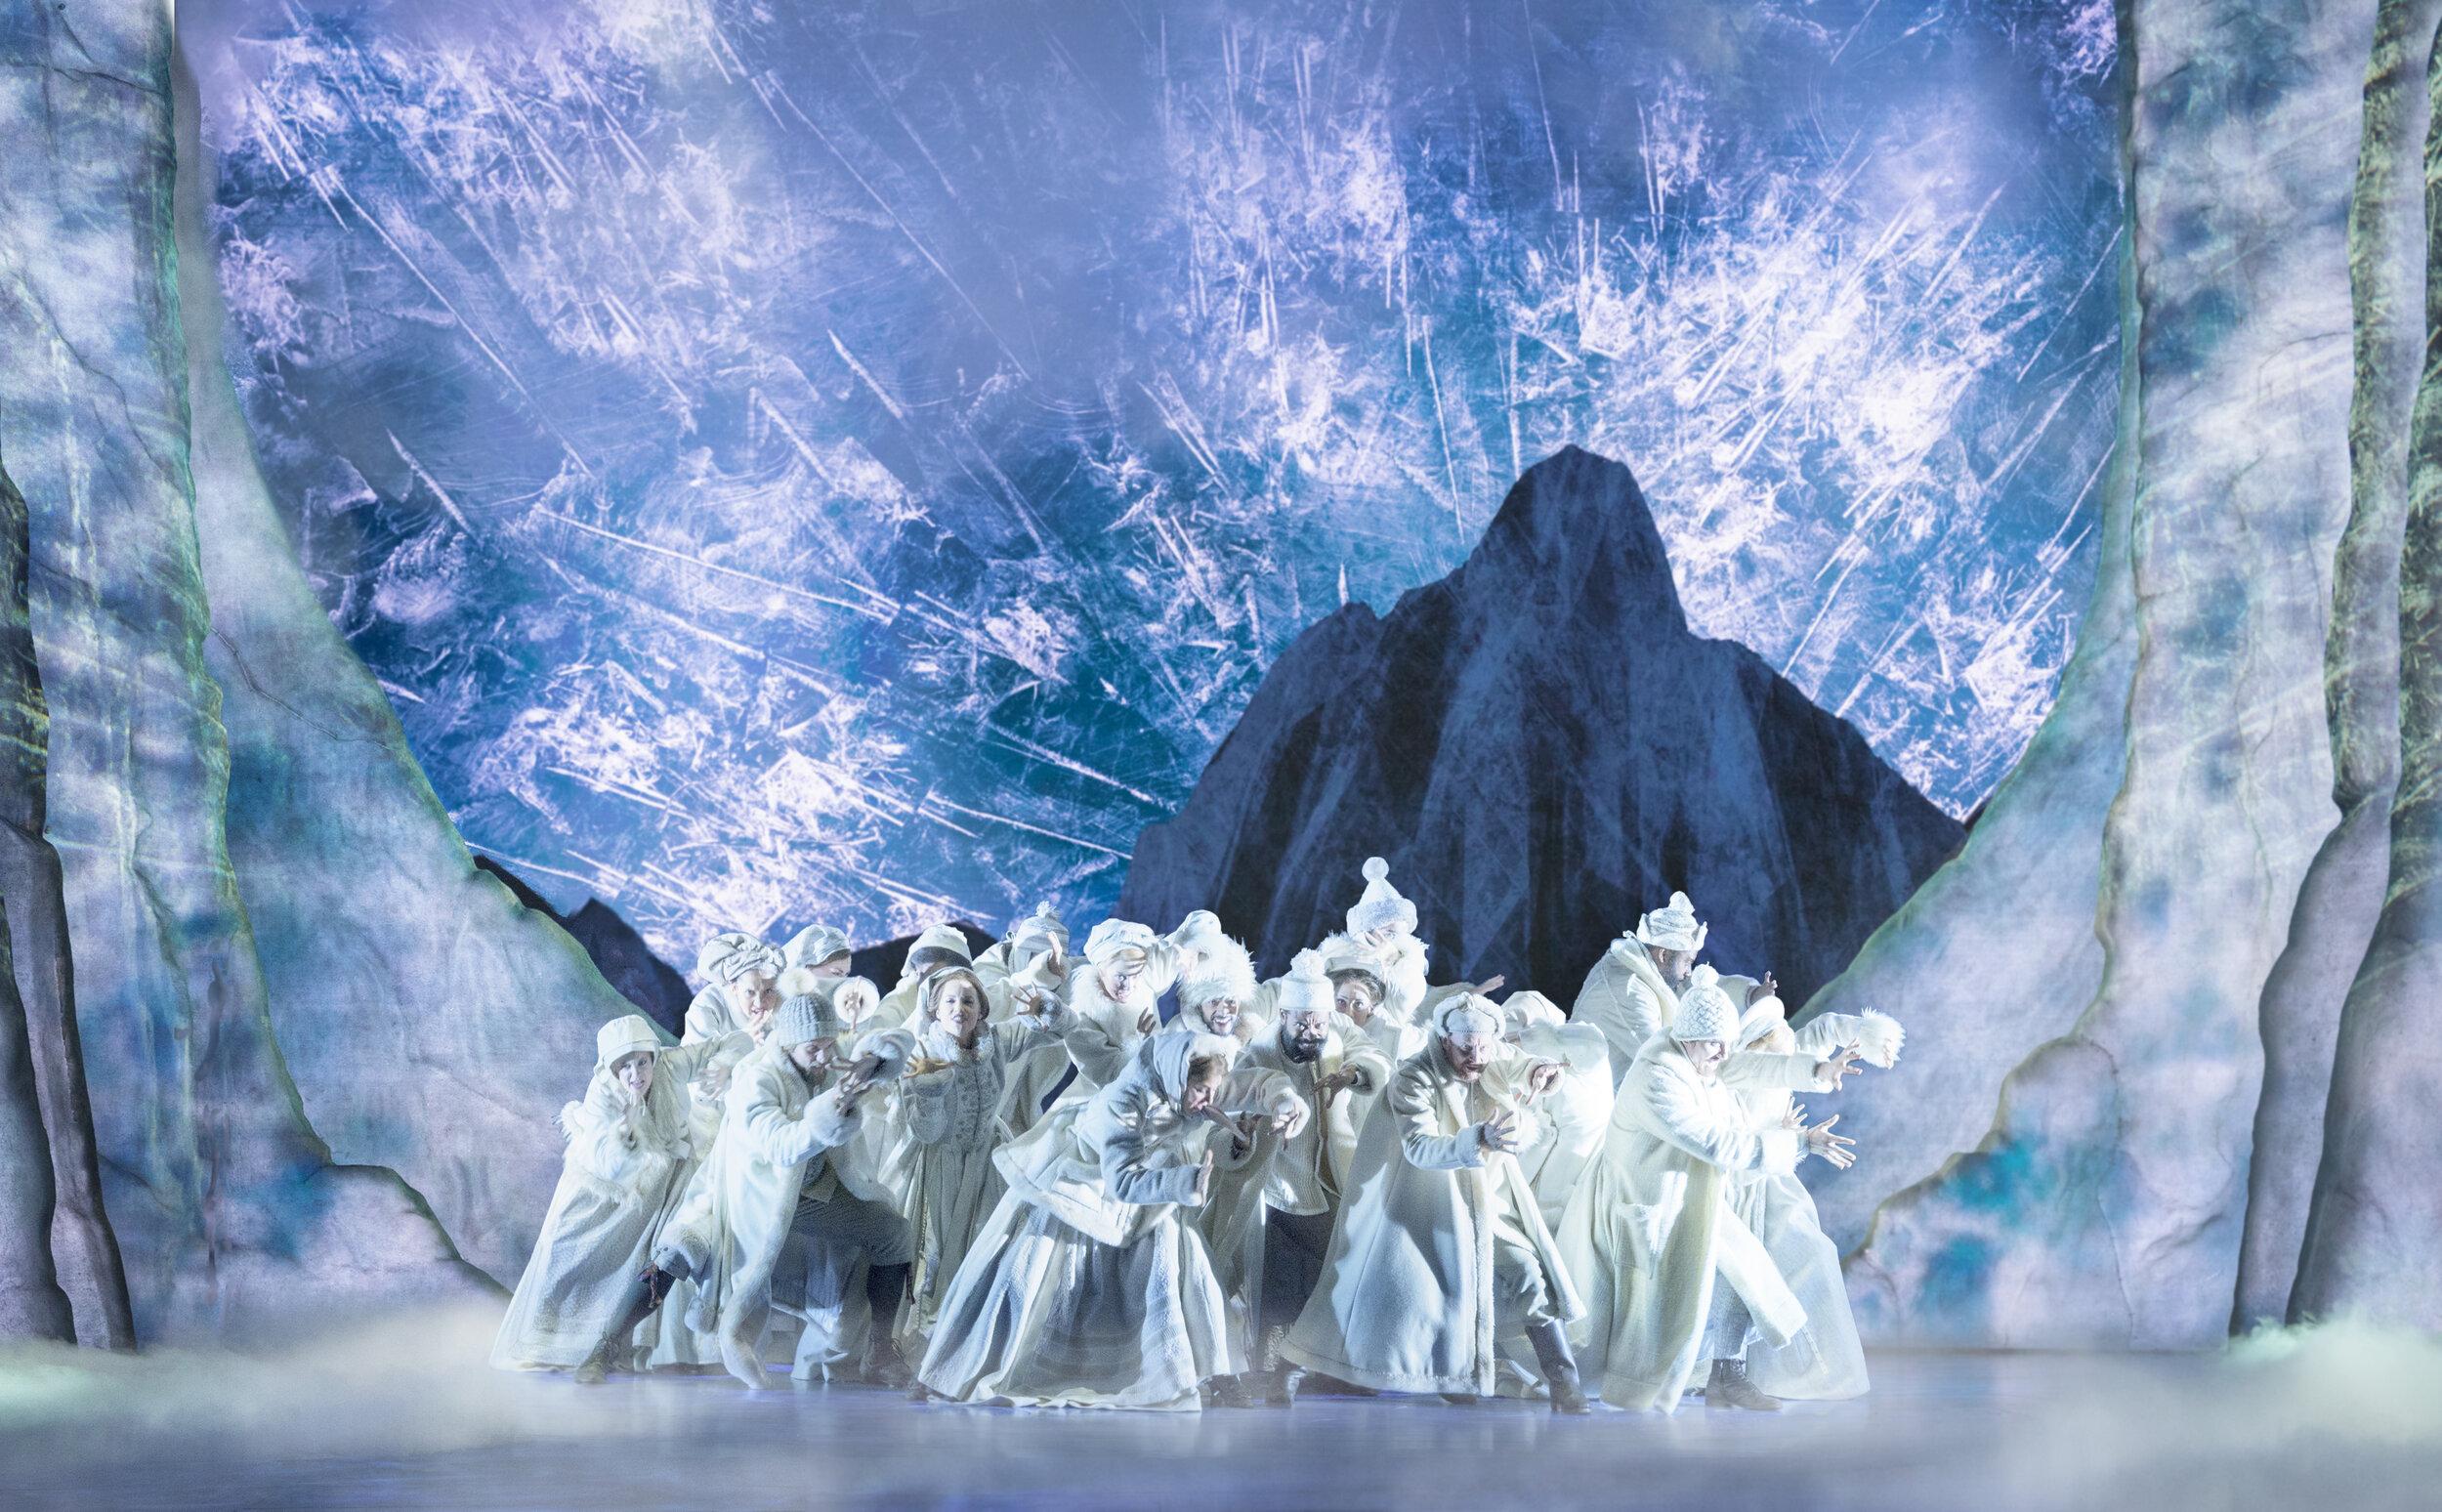 16-The Company of FROZEN on Broadway Photo by Deen van Meer.jpg